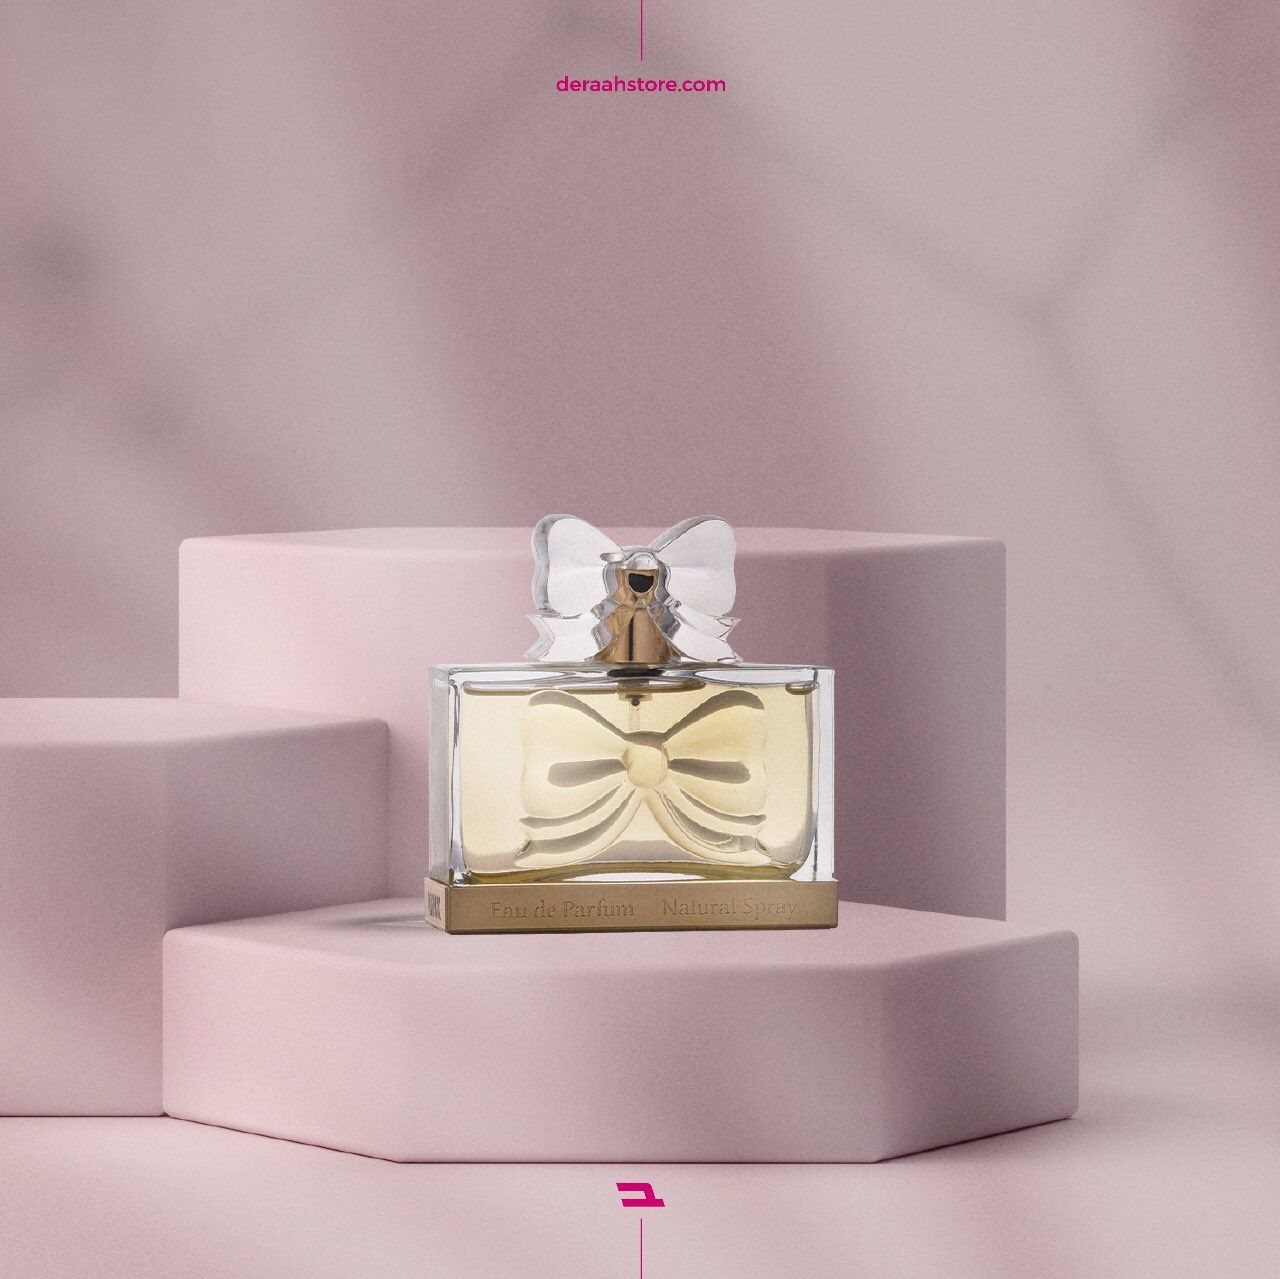 عروض اليوم الوطني 2020 عروض متجر درعه خصم 50 علي العطور عروض اليوم Perfume Bottles Perfume National Day